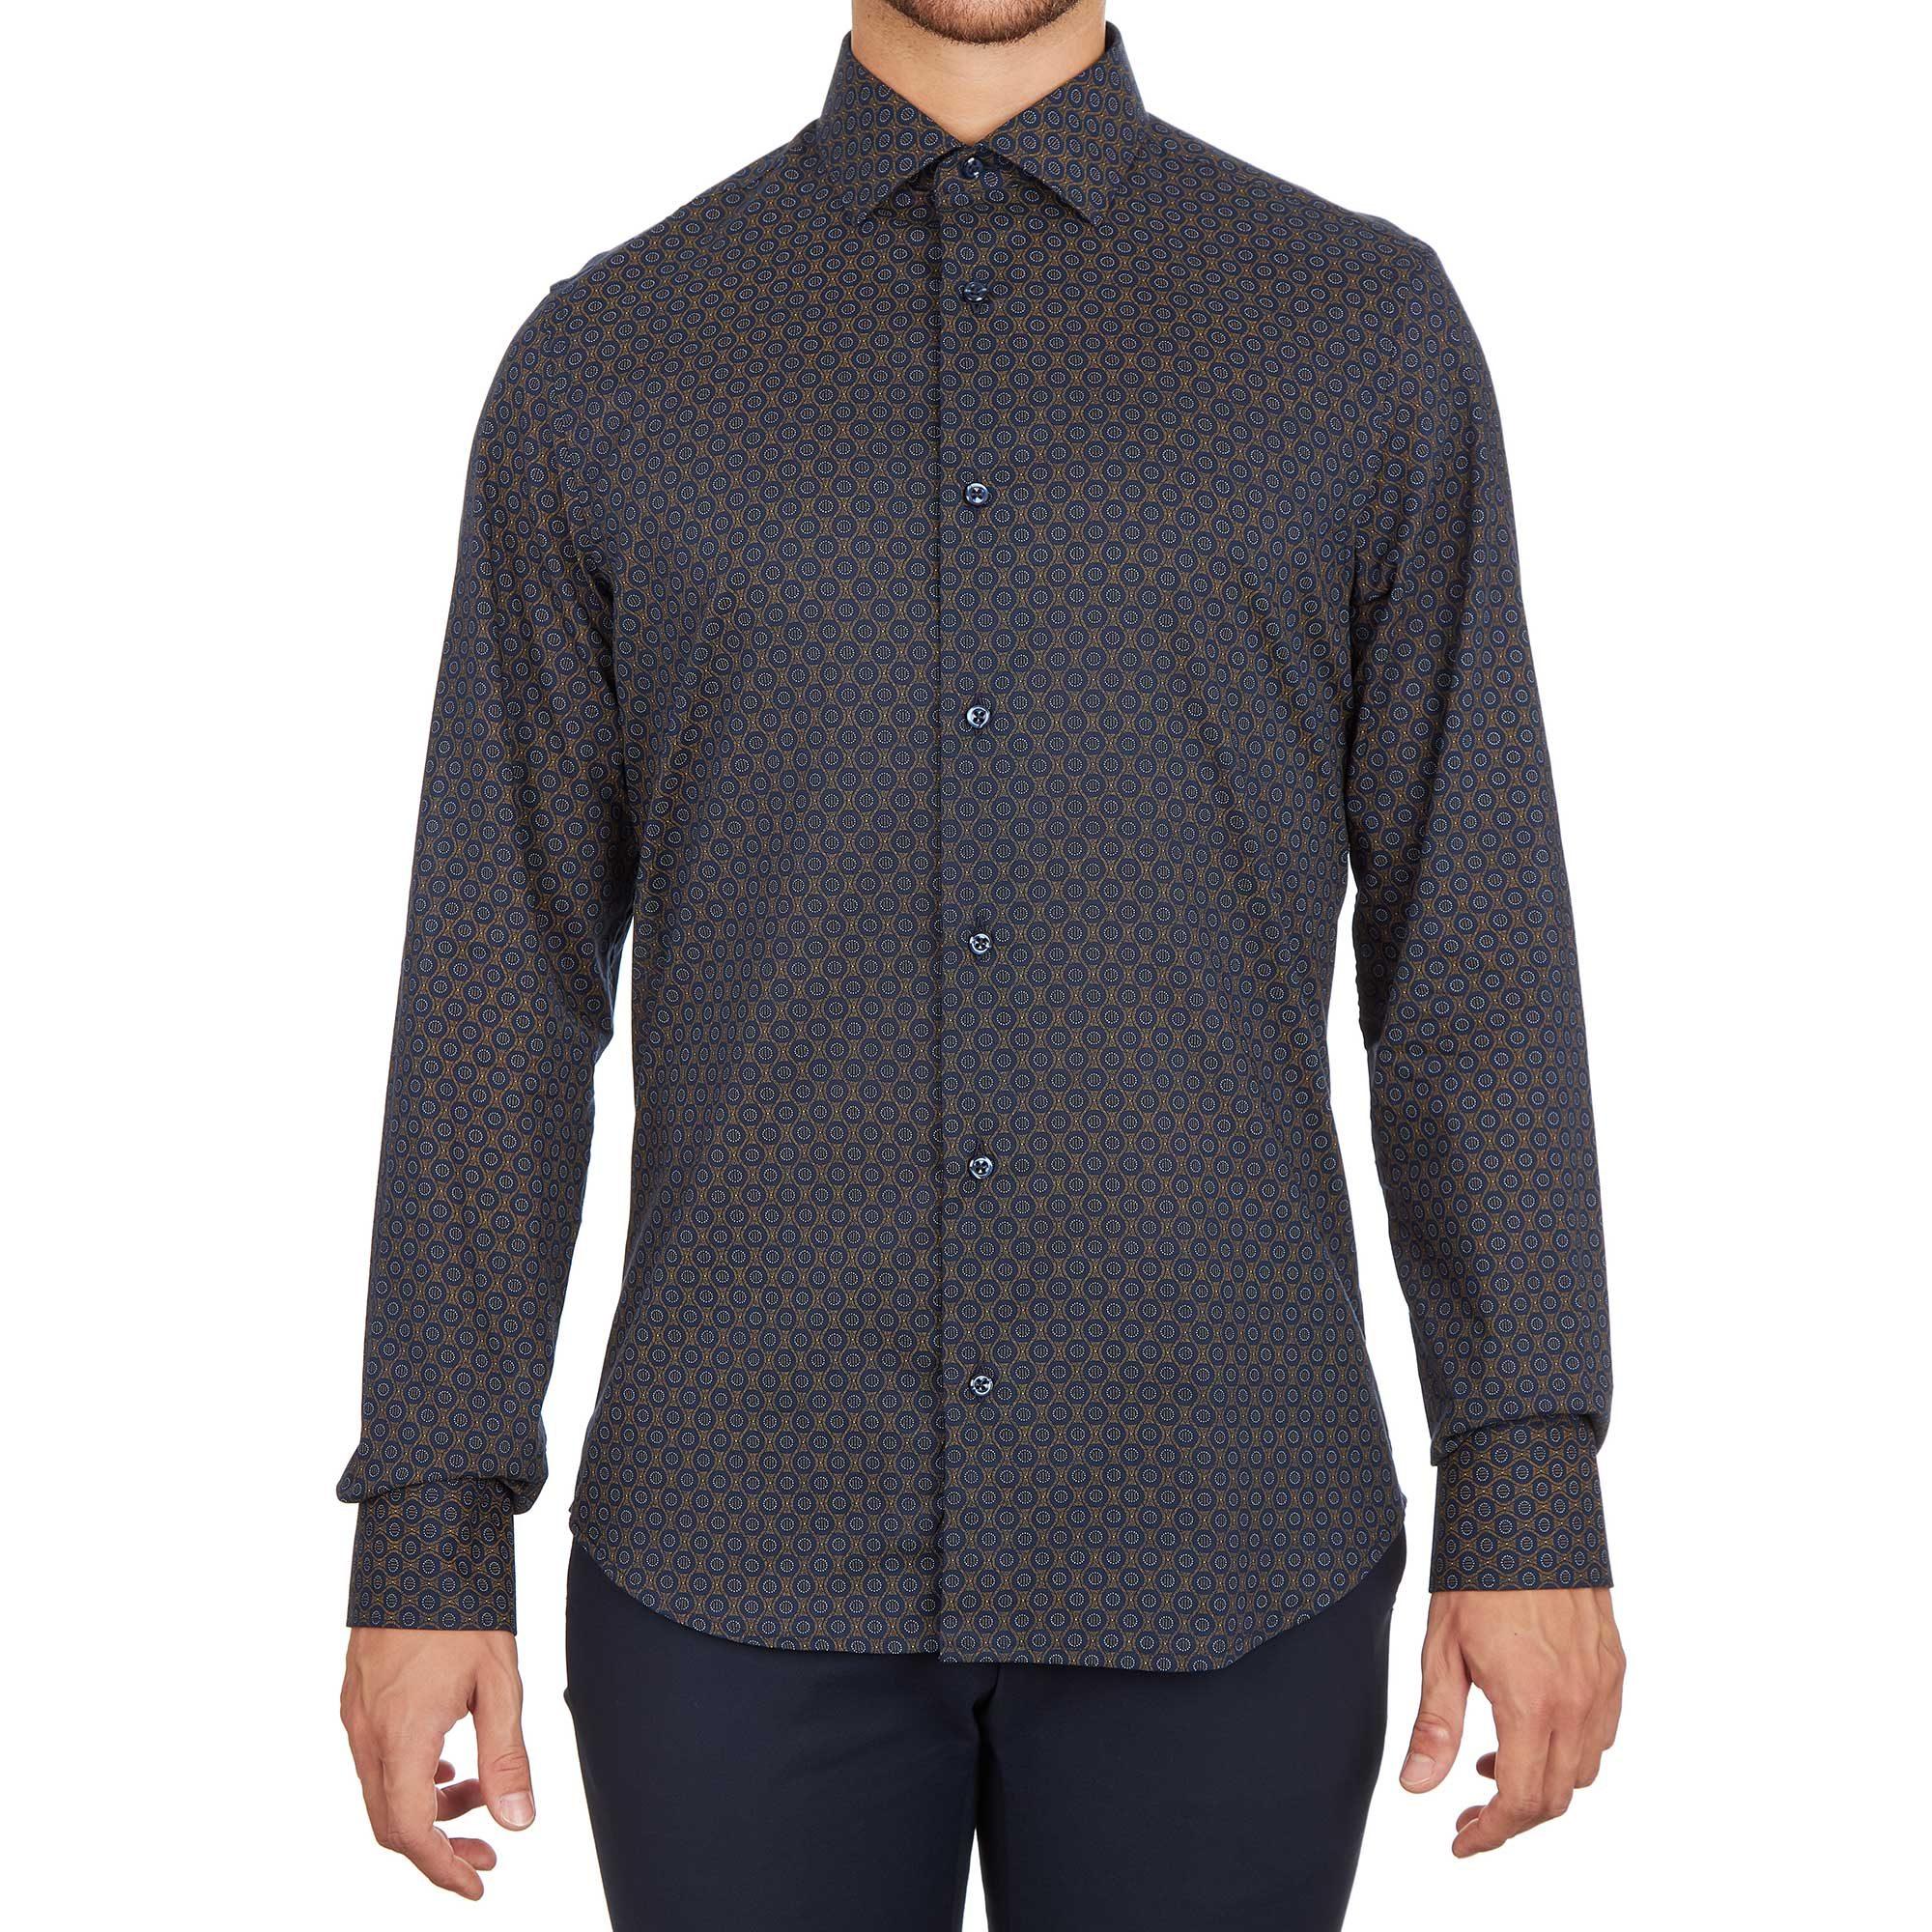 Camicia elegante fantasia da uomo made in italy